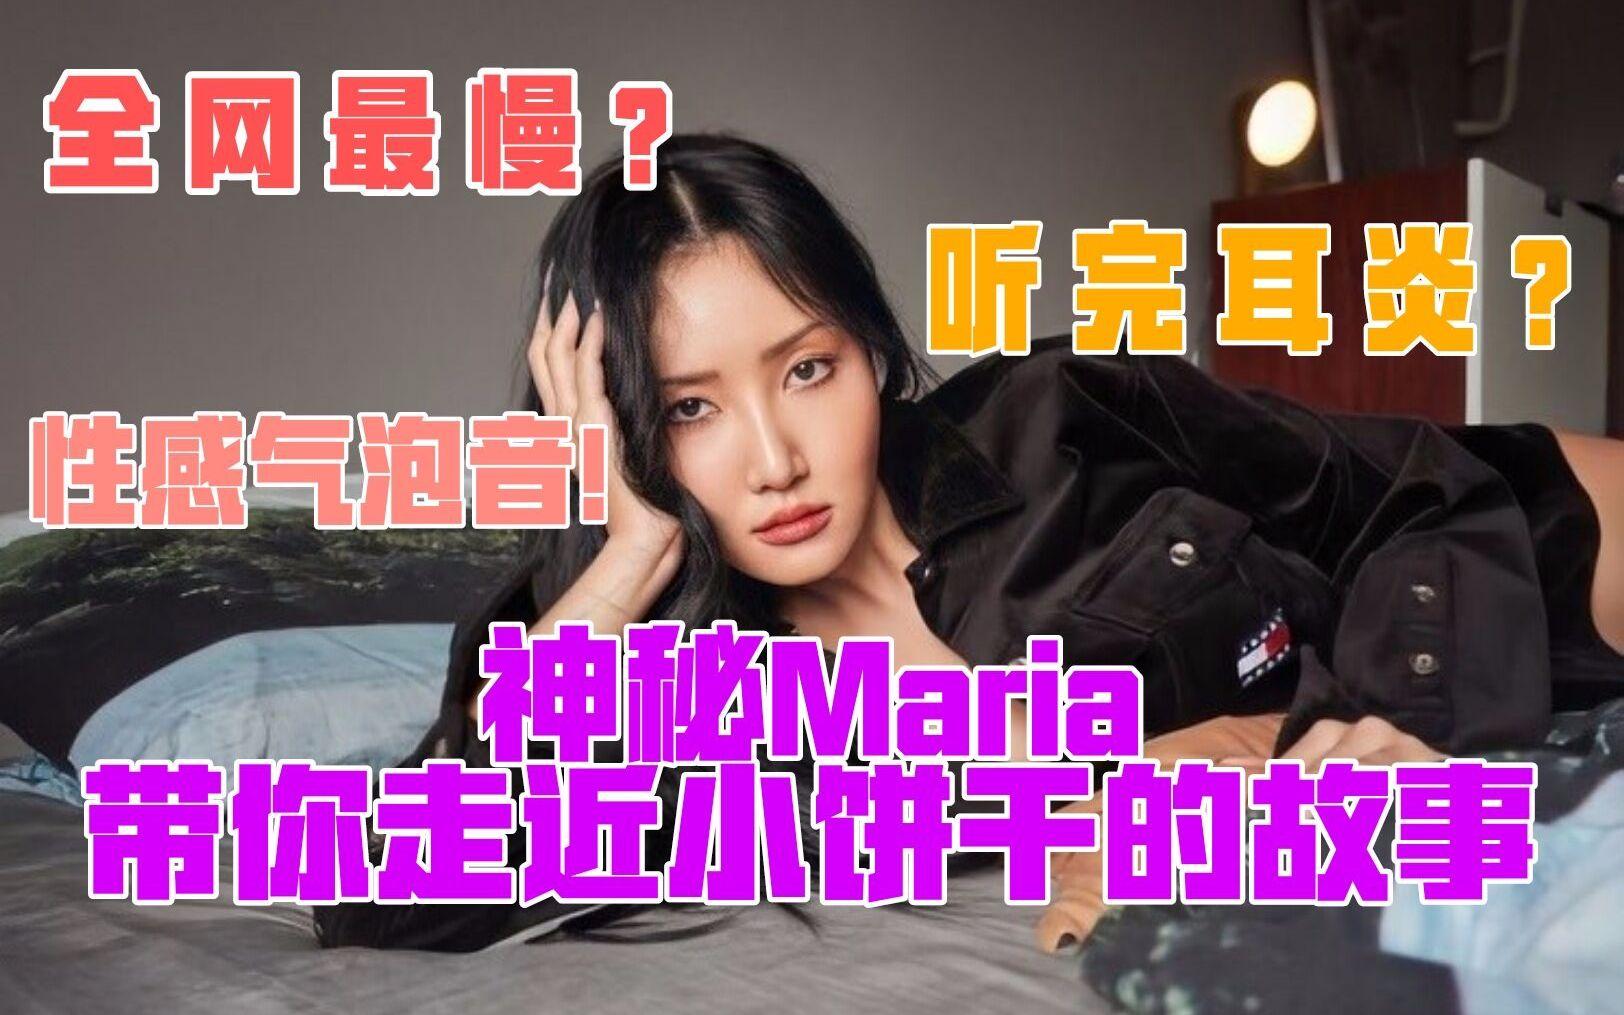 【华莎Maria】海卫女团!全网最慢!中文填翻!(单押skr)